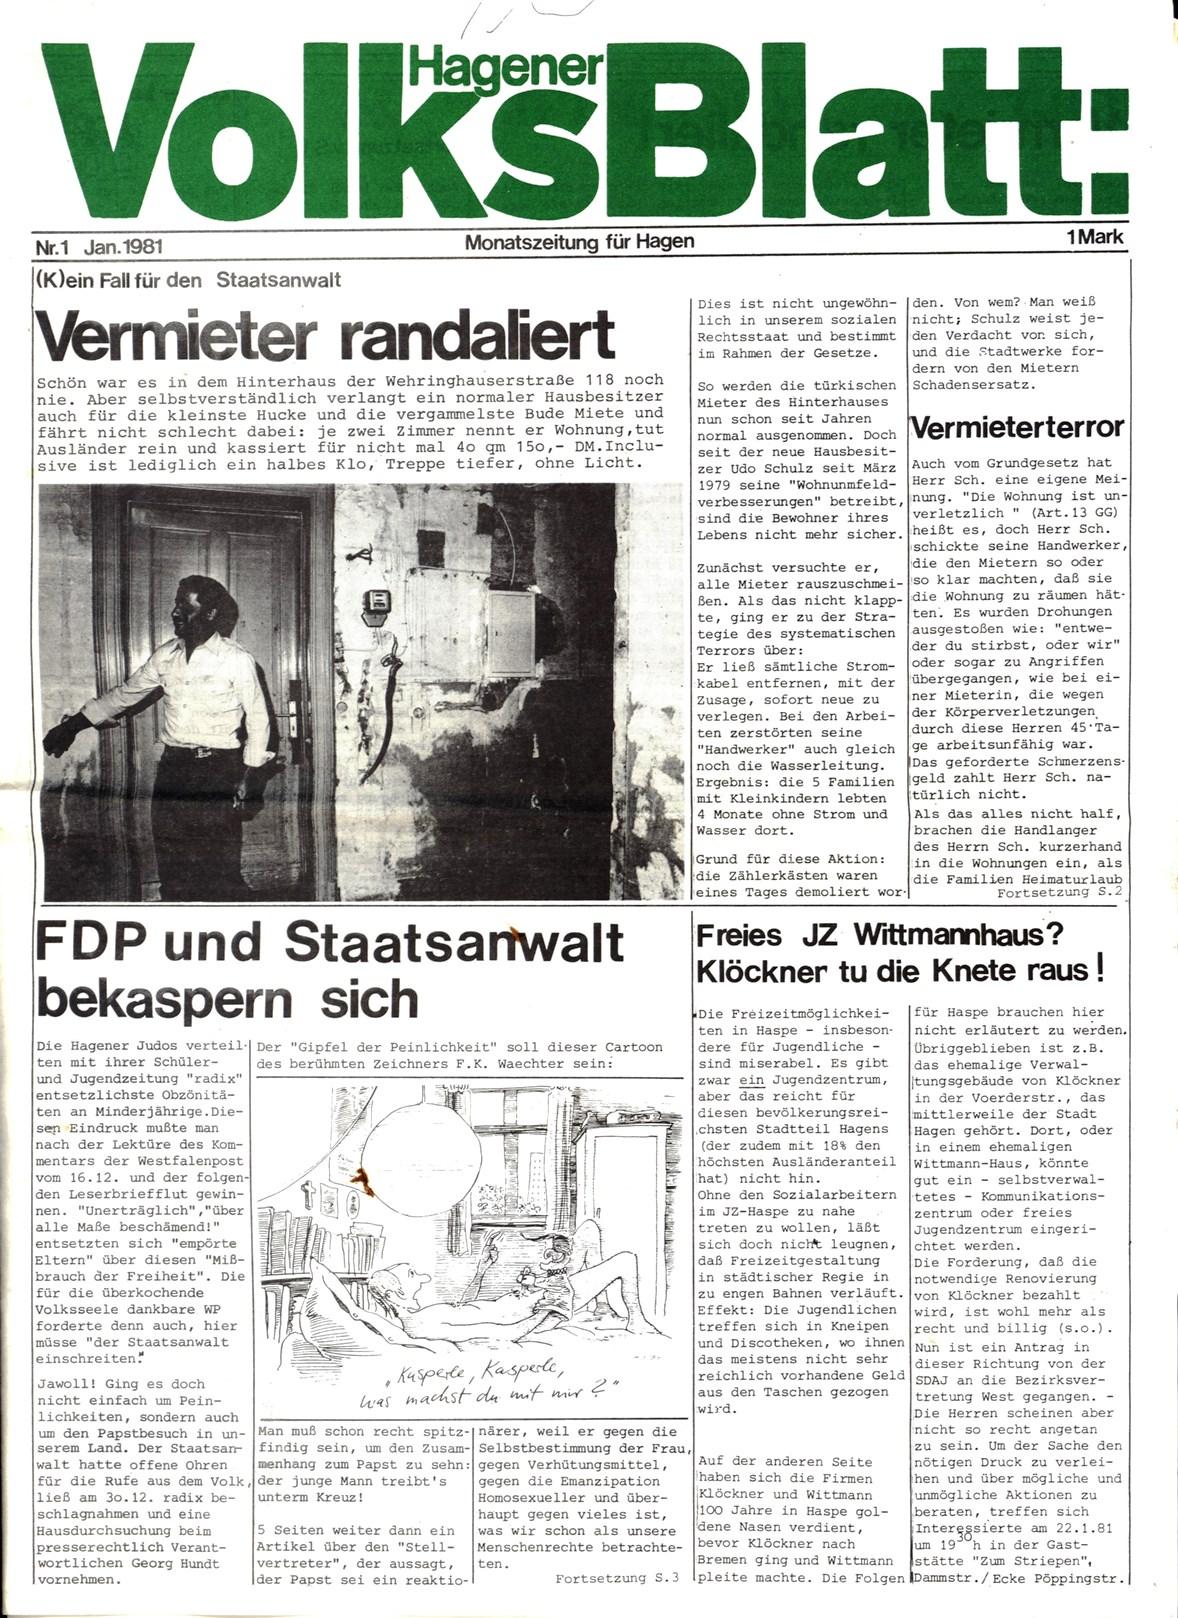 Hagen_Volksblatt_19810100_01